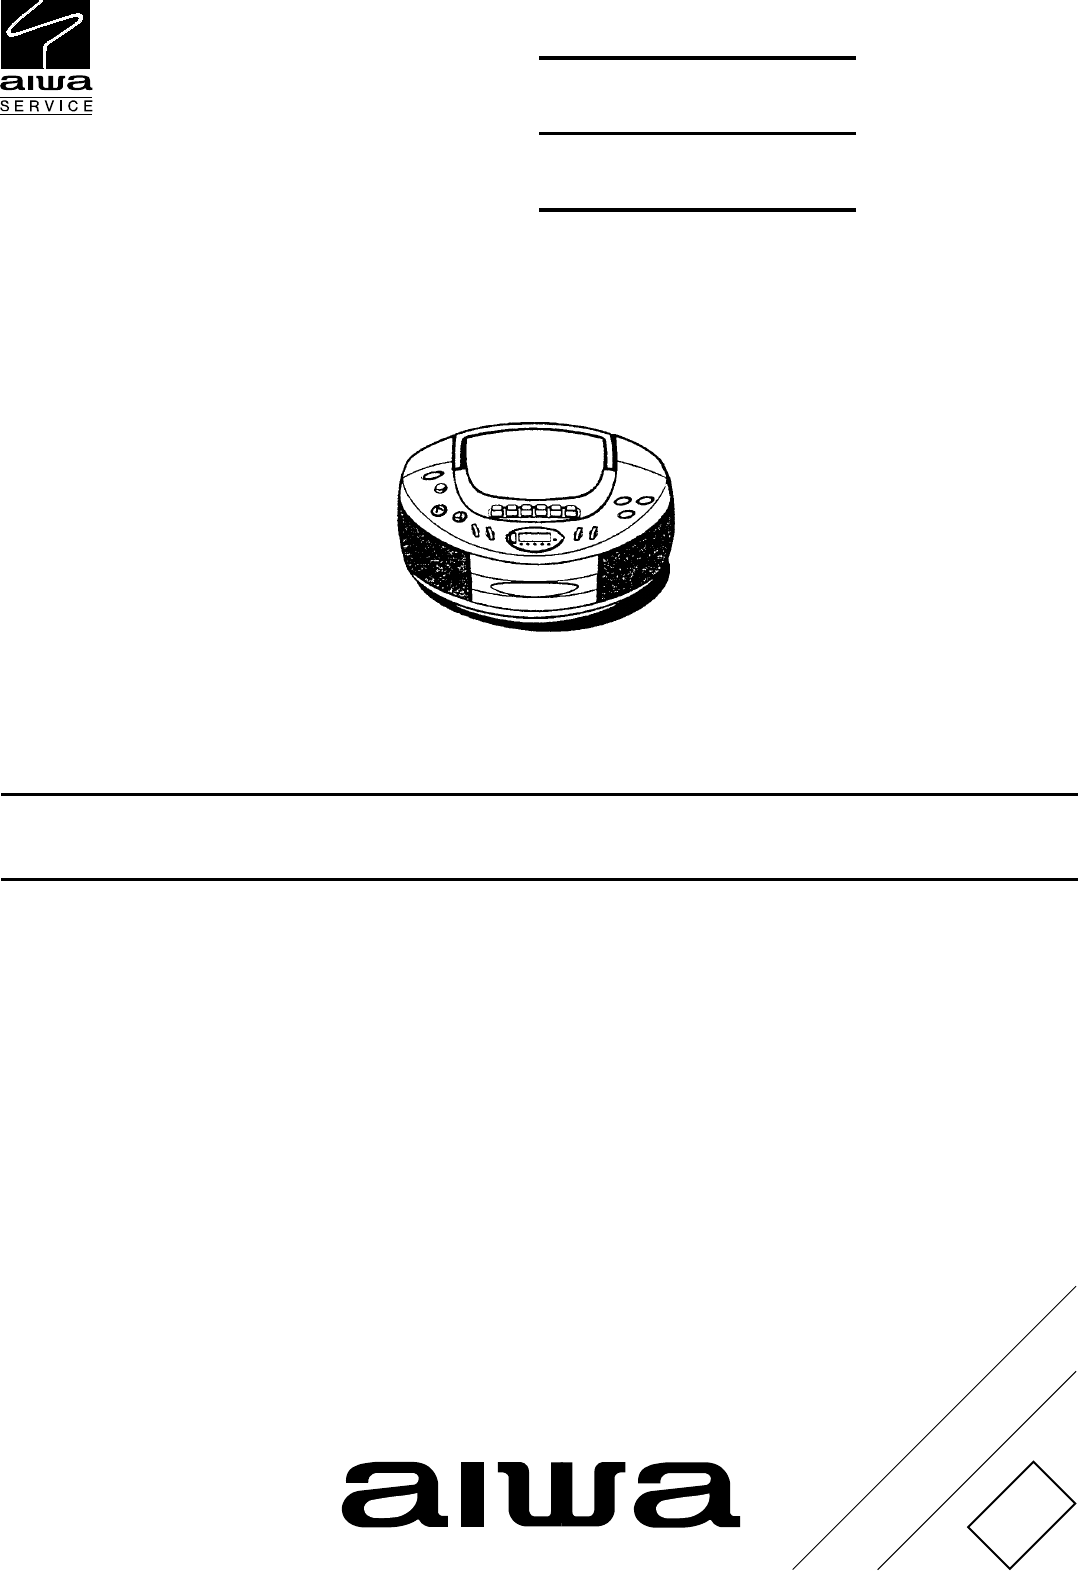 Aiwa Csd Td51 Td52 Td53 Service Manual Radio Wiring Diagram